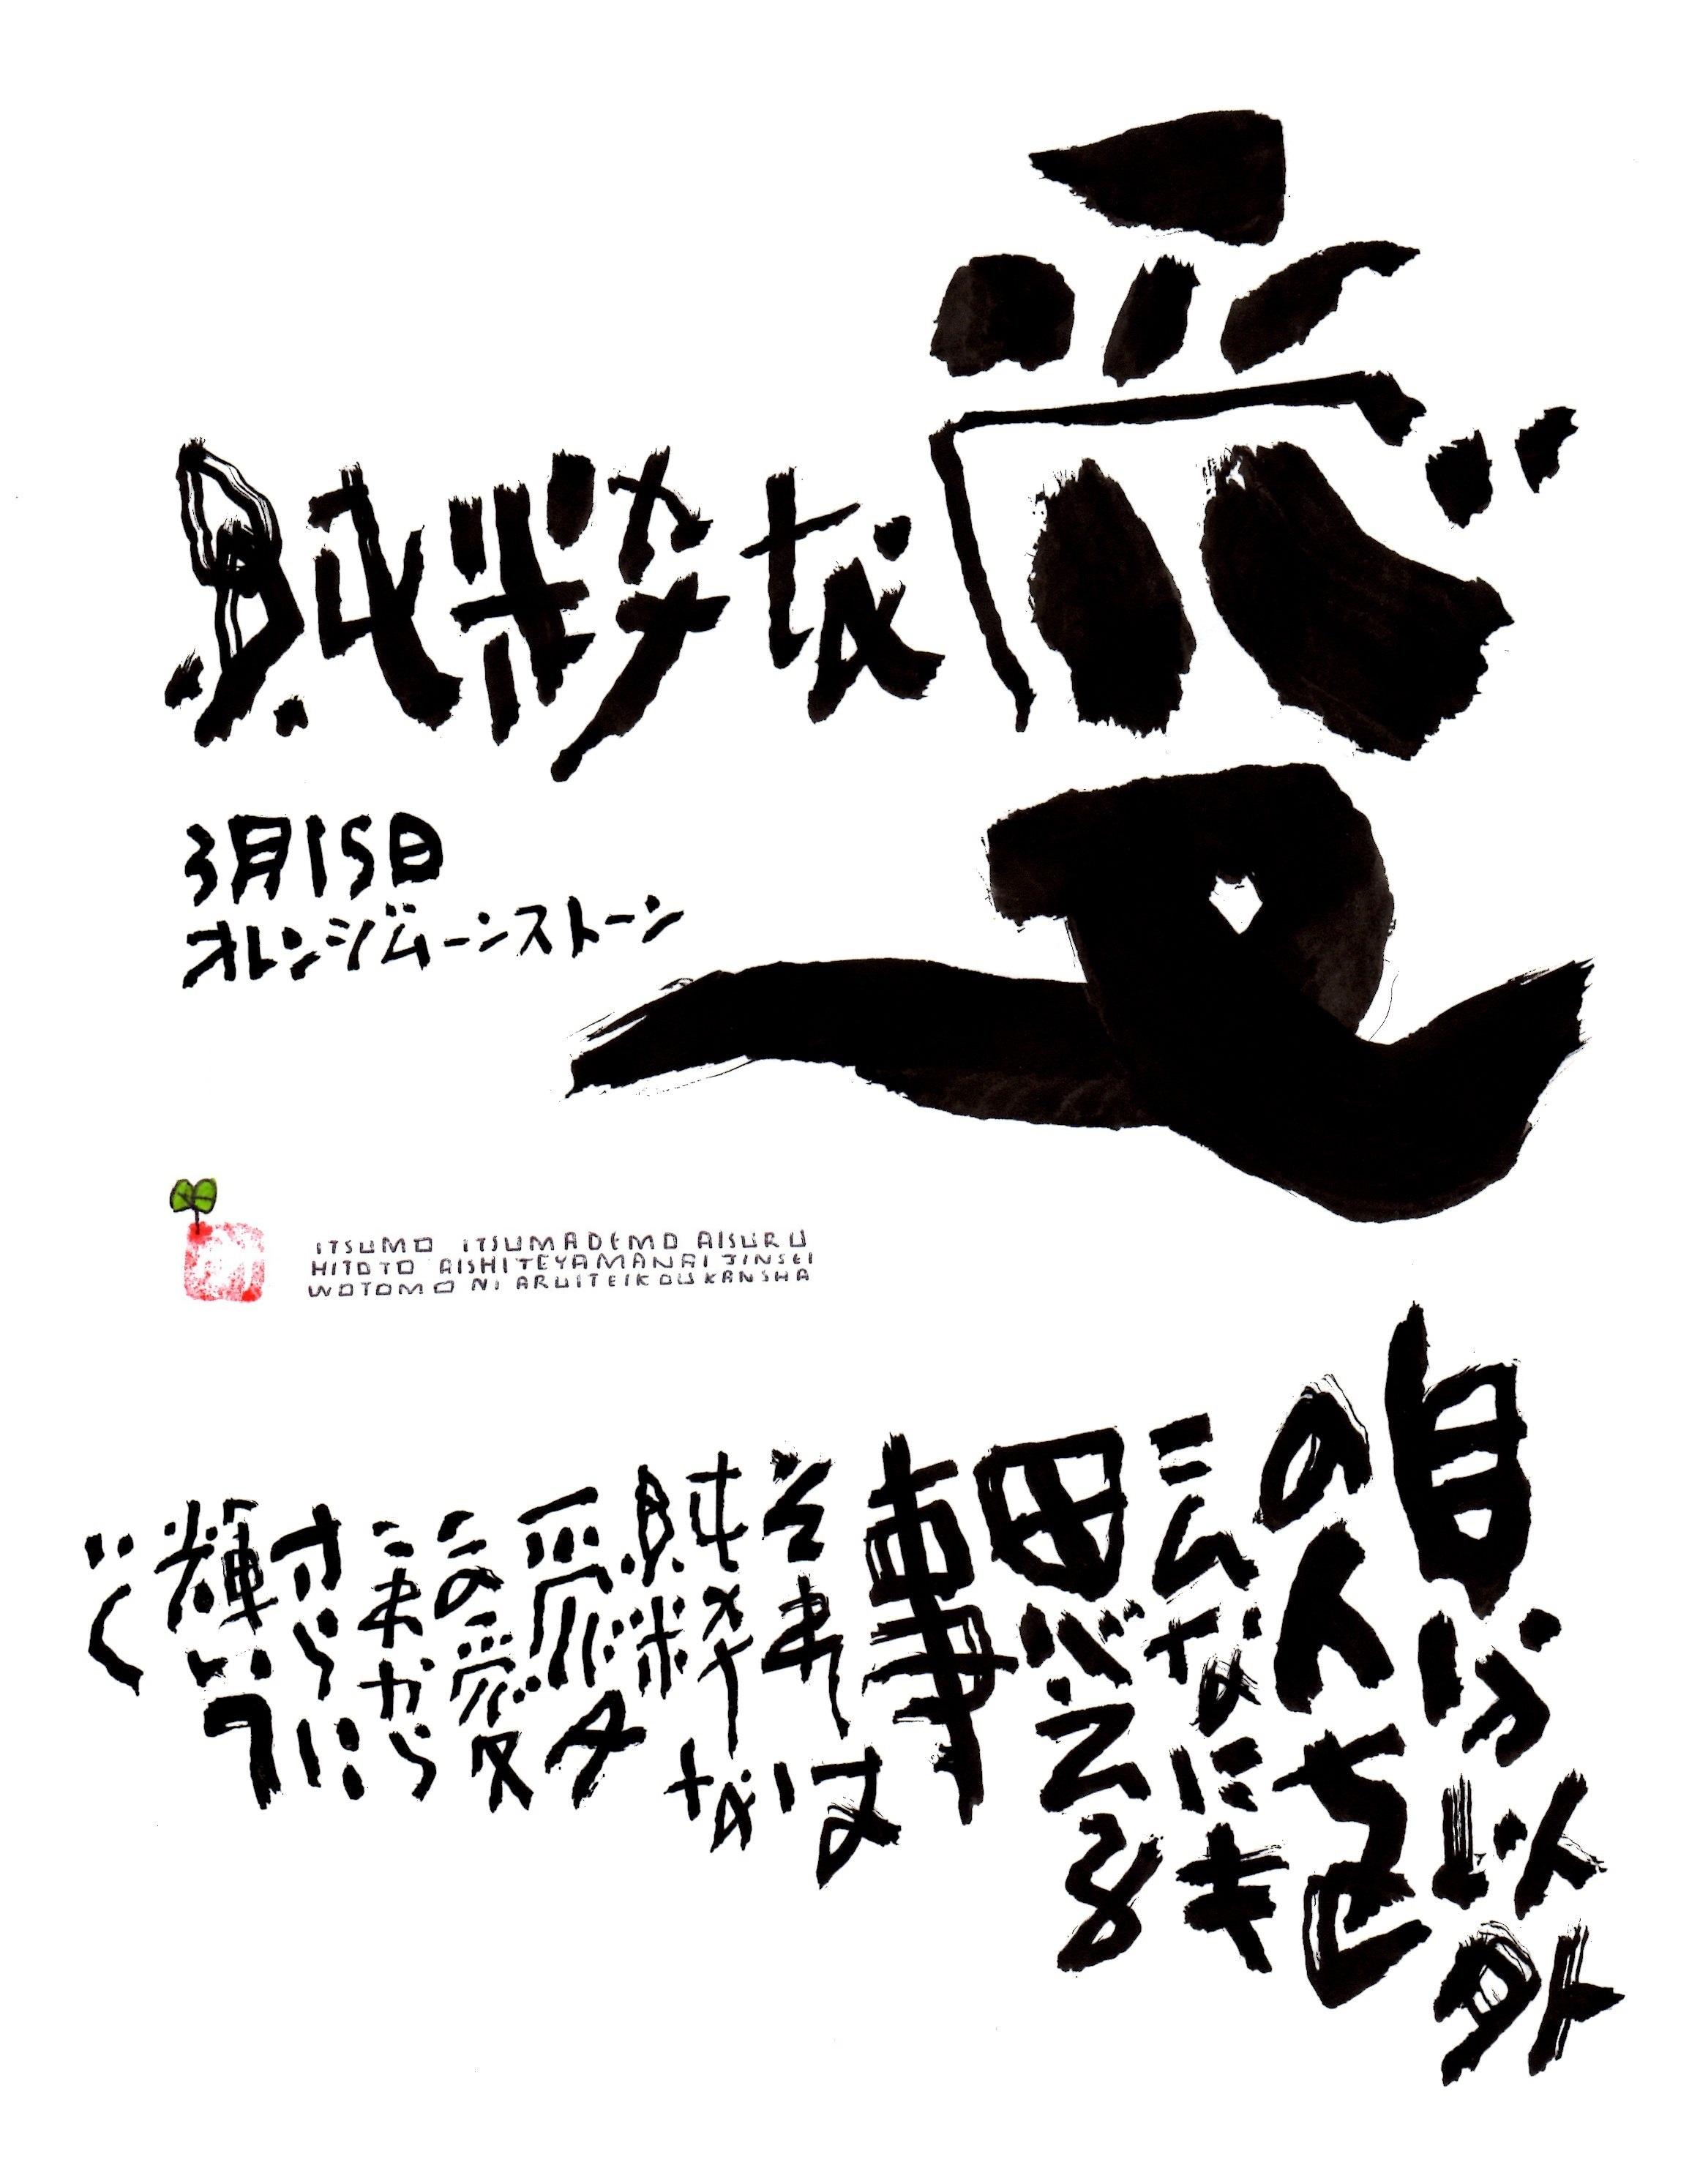 3月15日 結婚記念日ポストカード【純粋な愛】